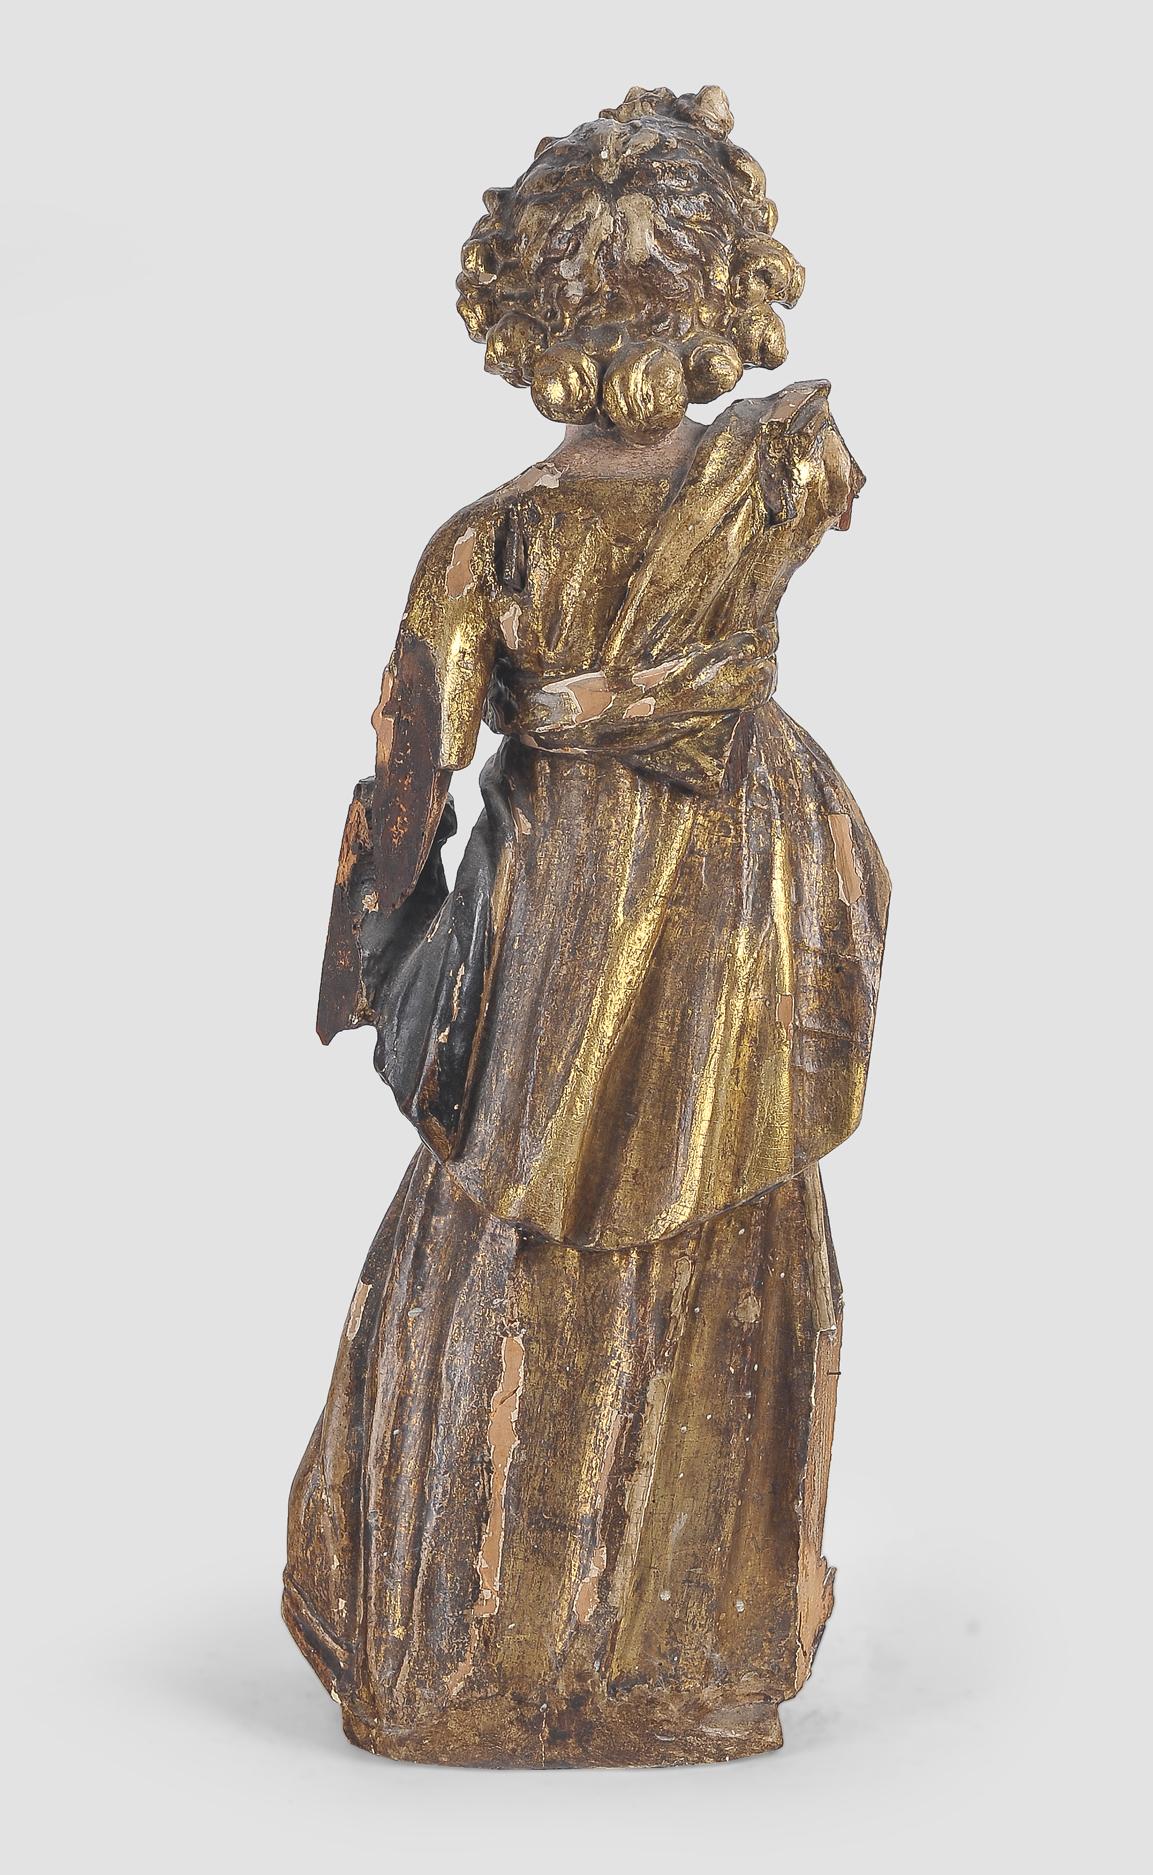 Stehender Engel, Süddeutsch, 17. Jahrhundert - Image 5 of 5